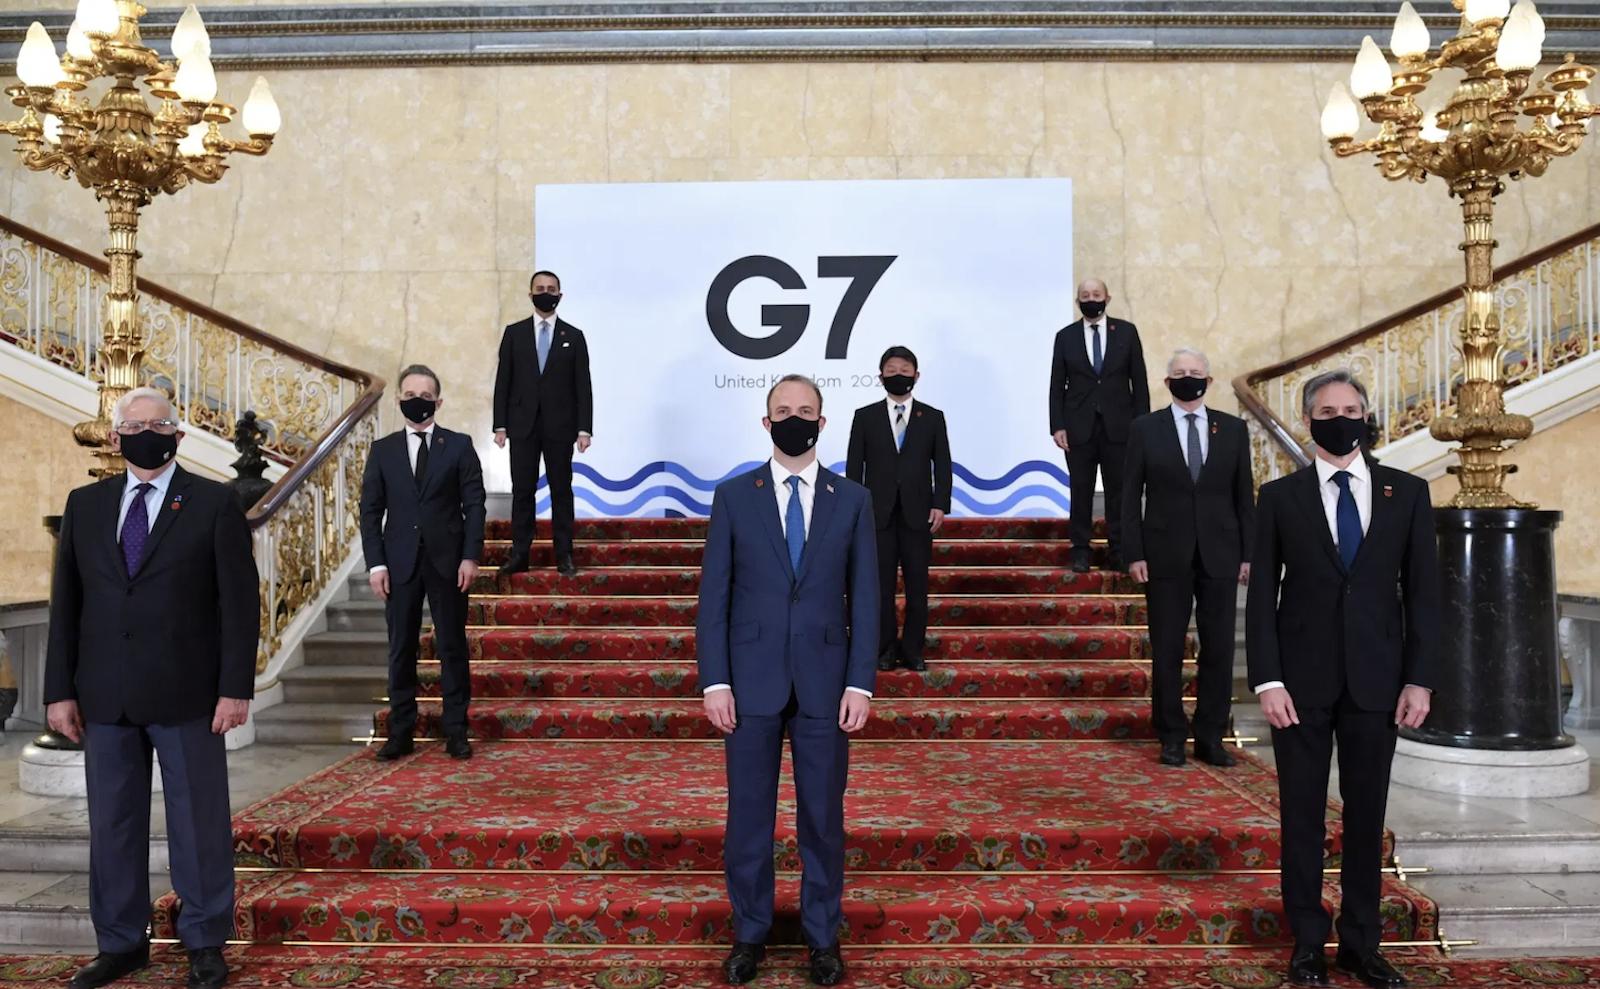 G7: Die verzweifelte Suche nach Bedeutung